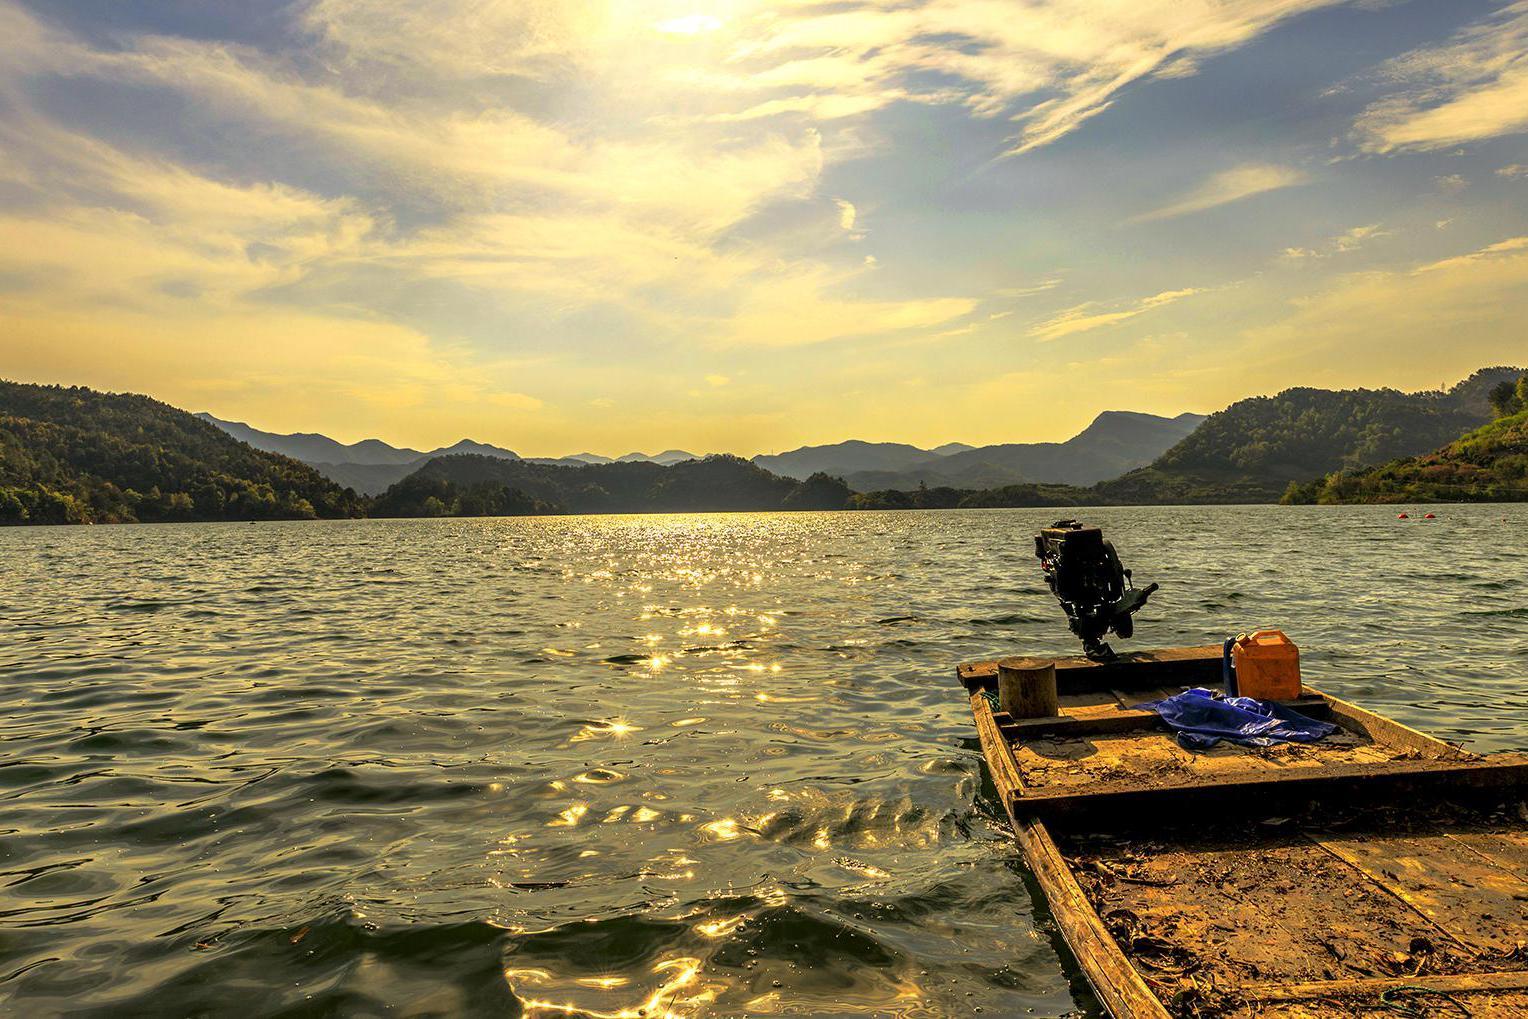 防止游客聚集将湖水染黑